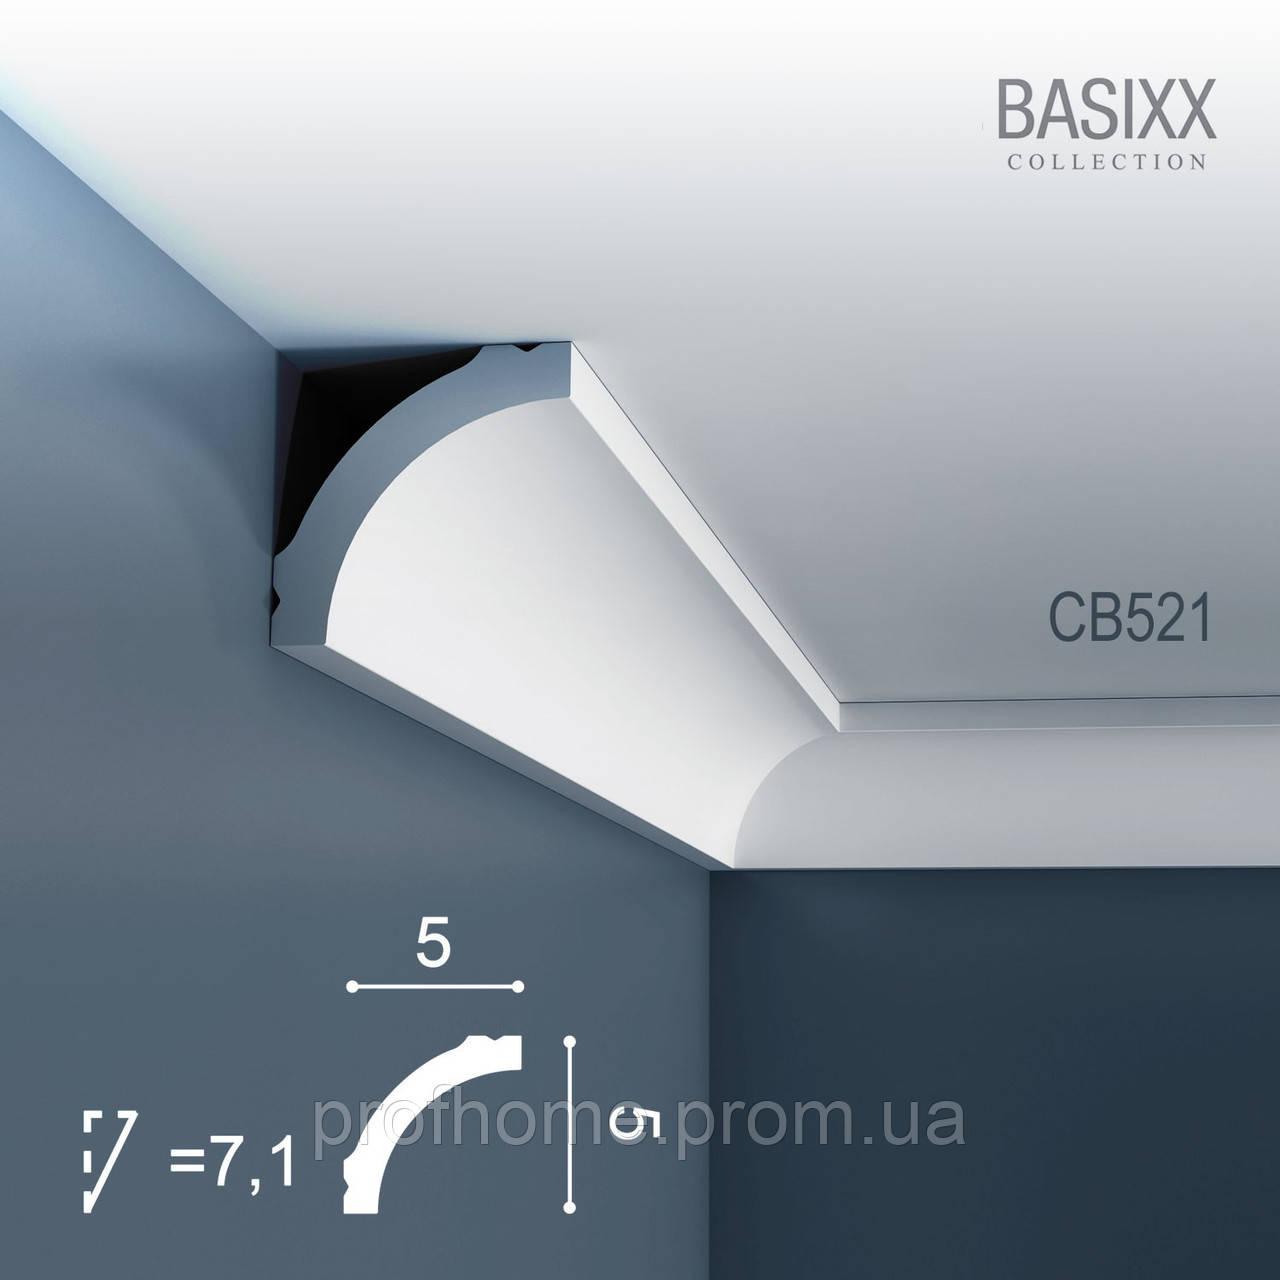 ORAC Decor CB521 BASIXX лепнина из полистирола потолочный багет карниз угловой молдинг 2 м - Товары для косметического ремонта Премиум класса из Германии. в Германии